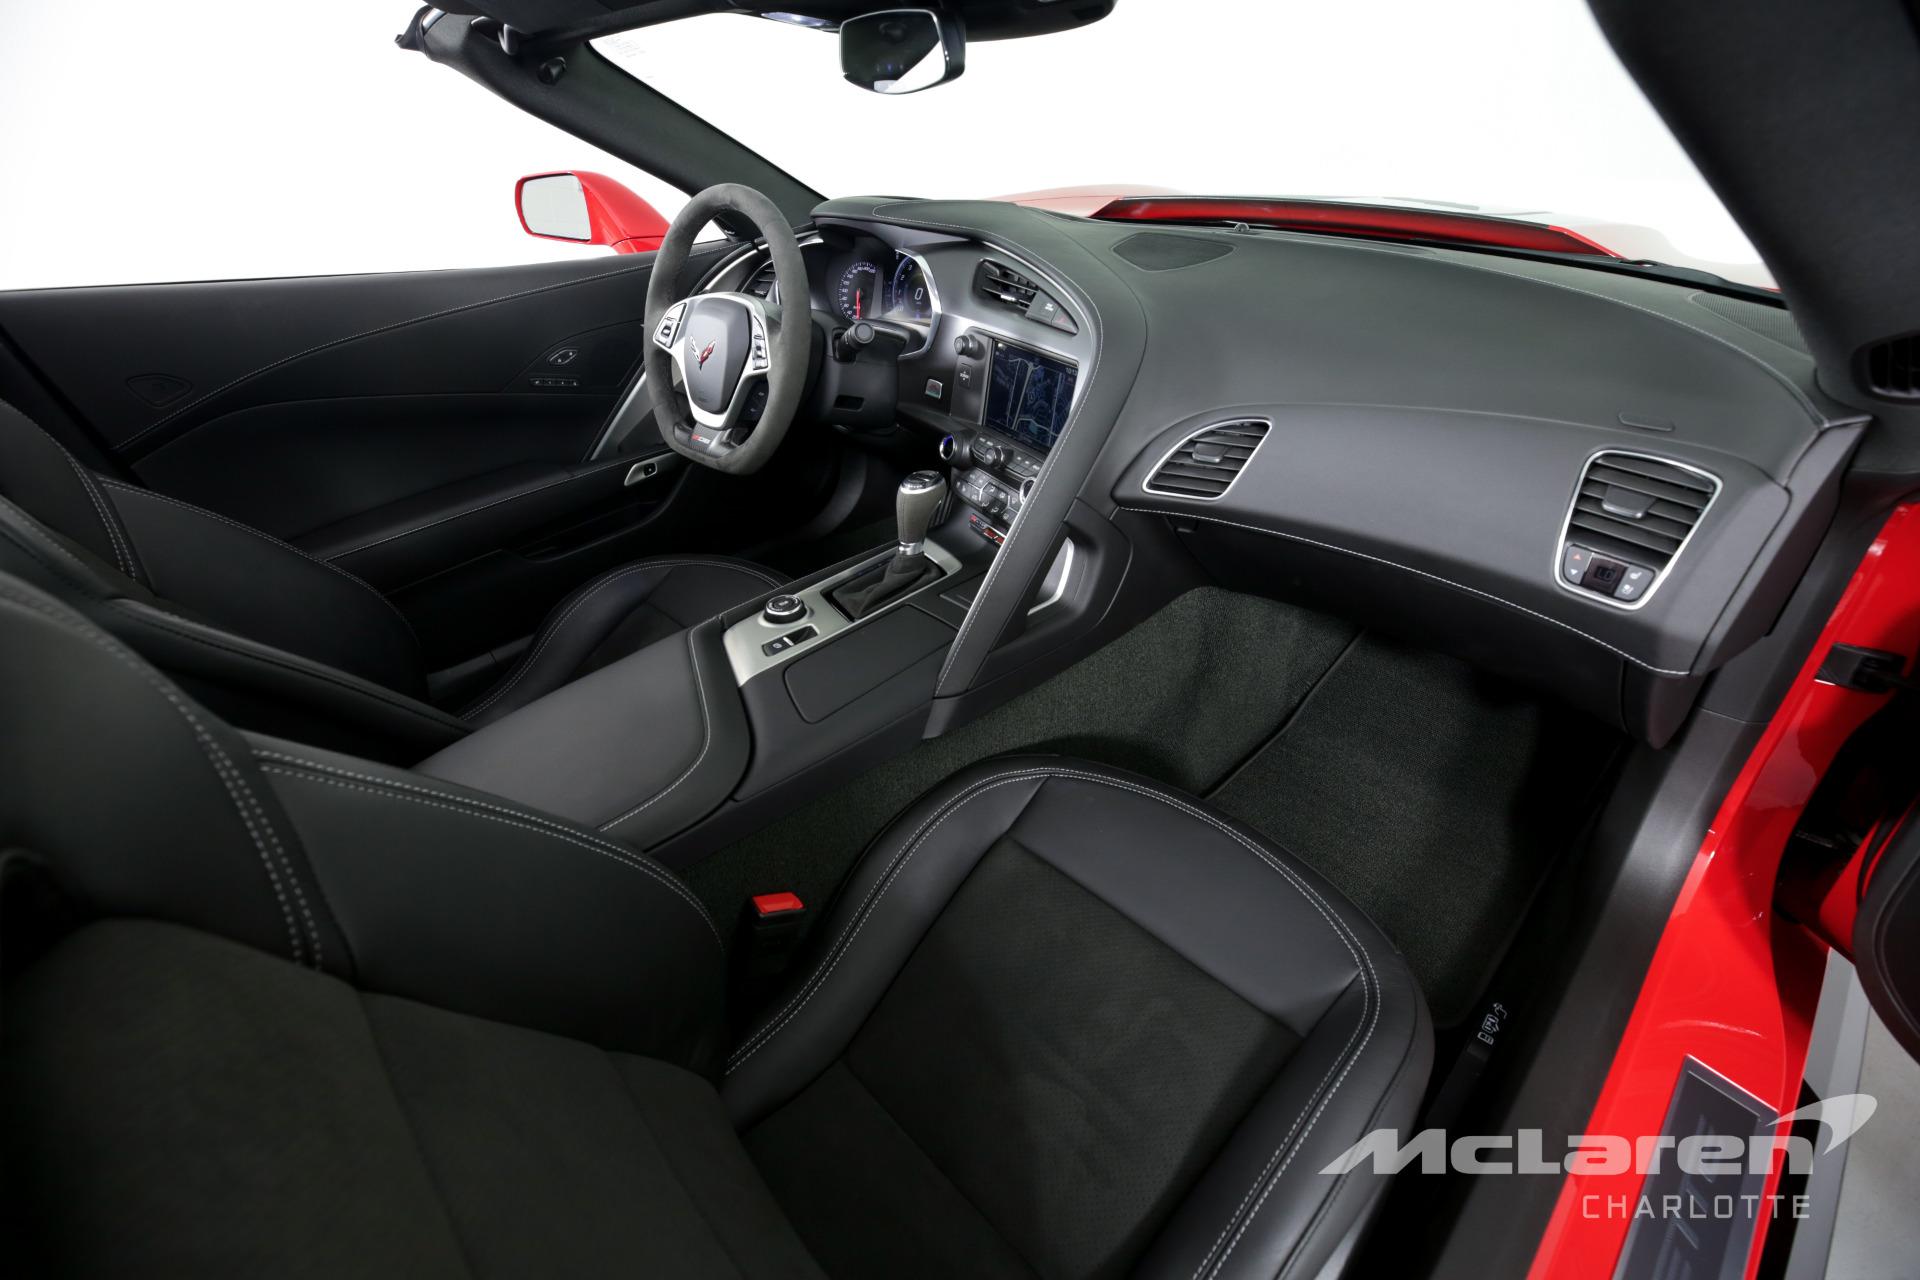 Used 2017 Chevrolet Corvette Z06 | Charlotte, NC